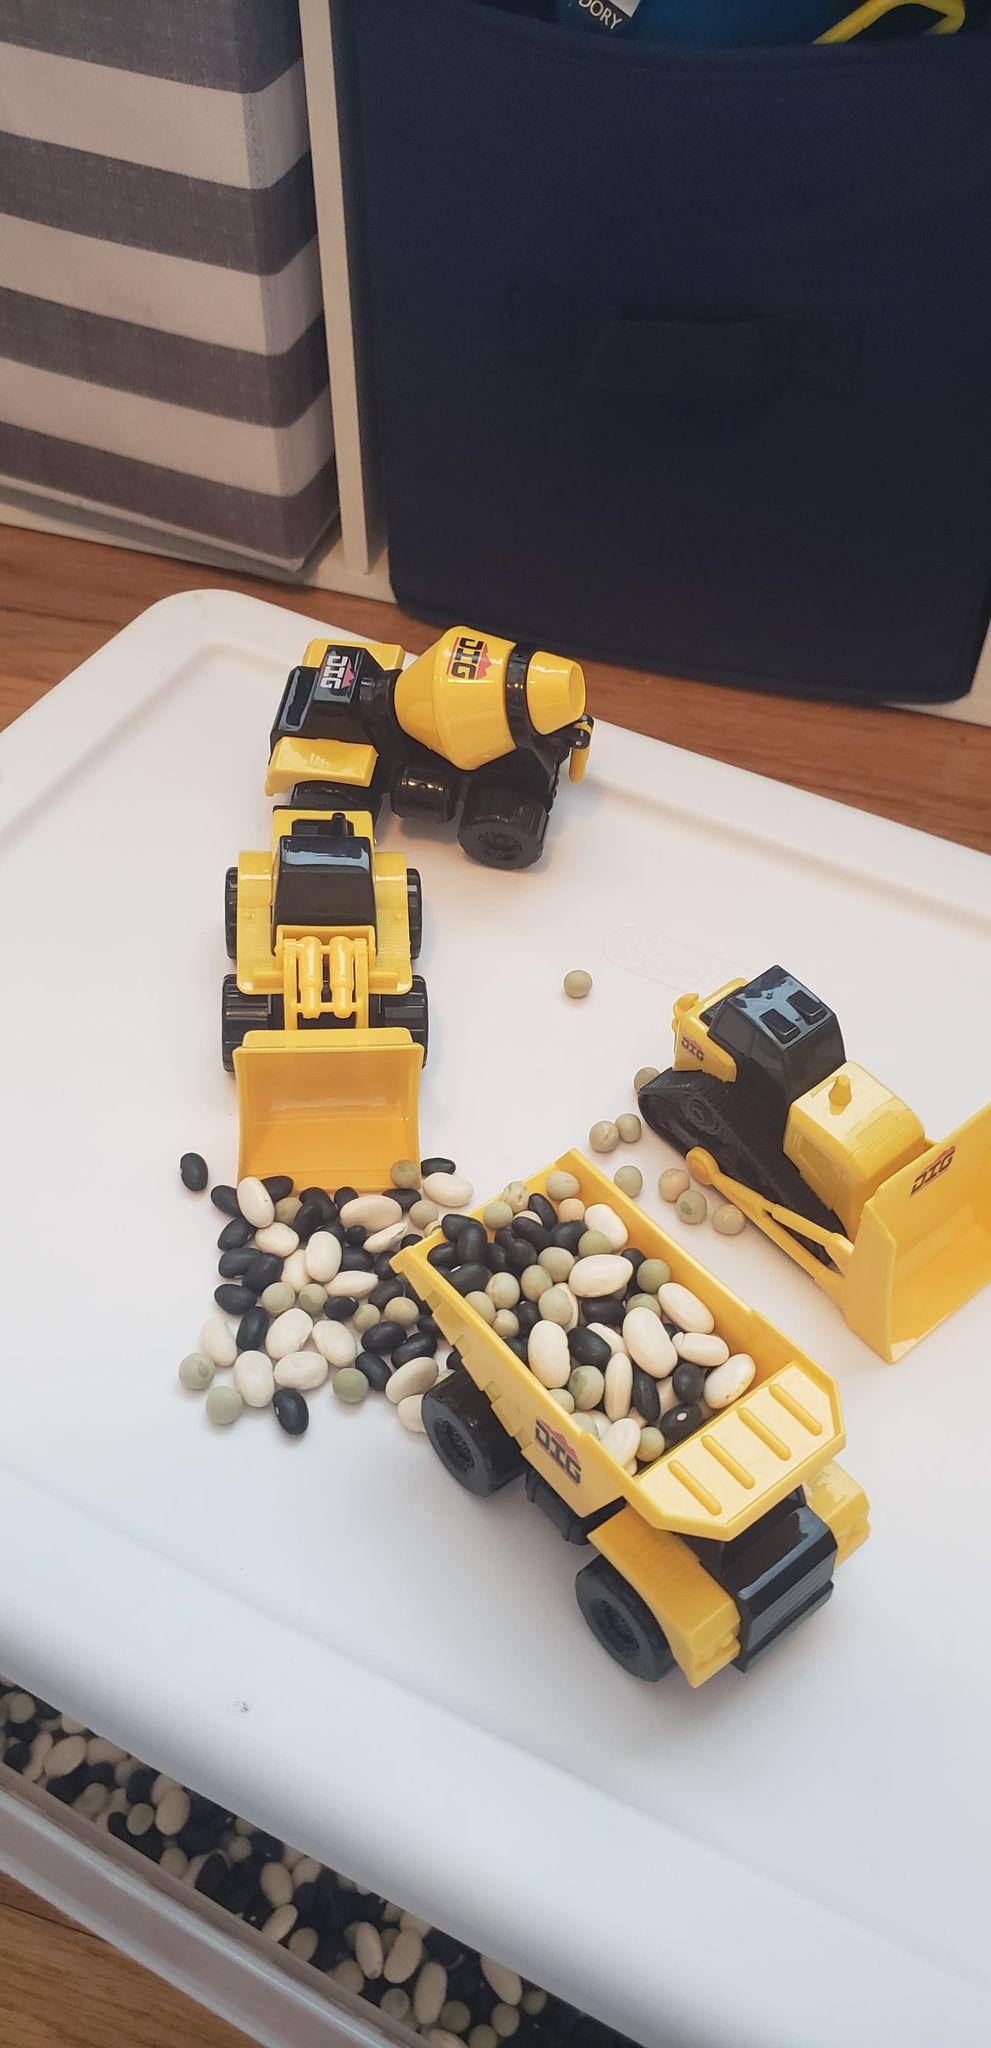 four mini construction vehicles